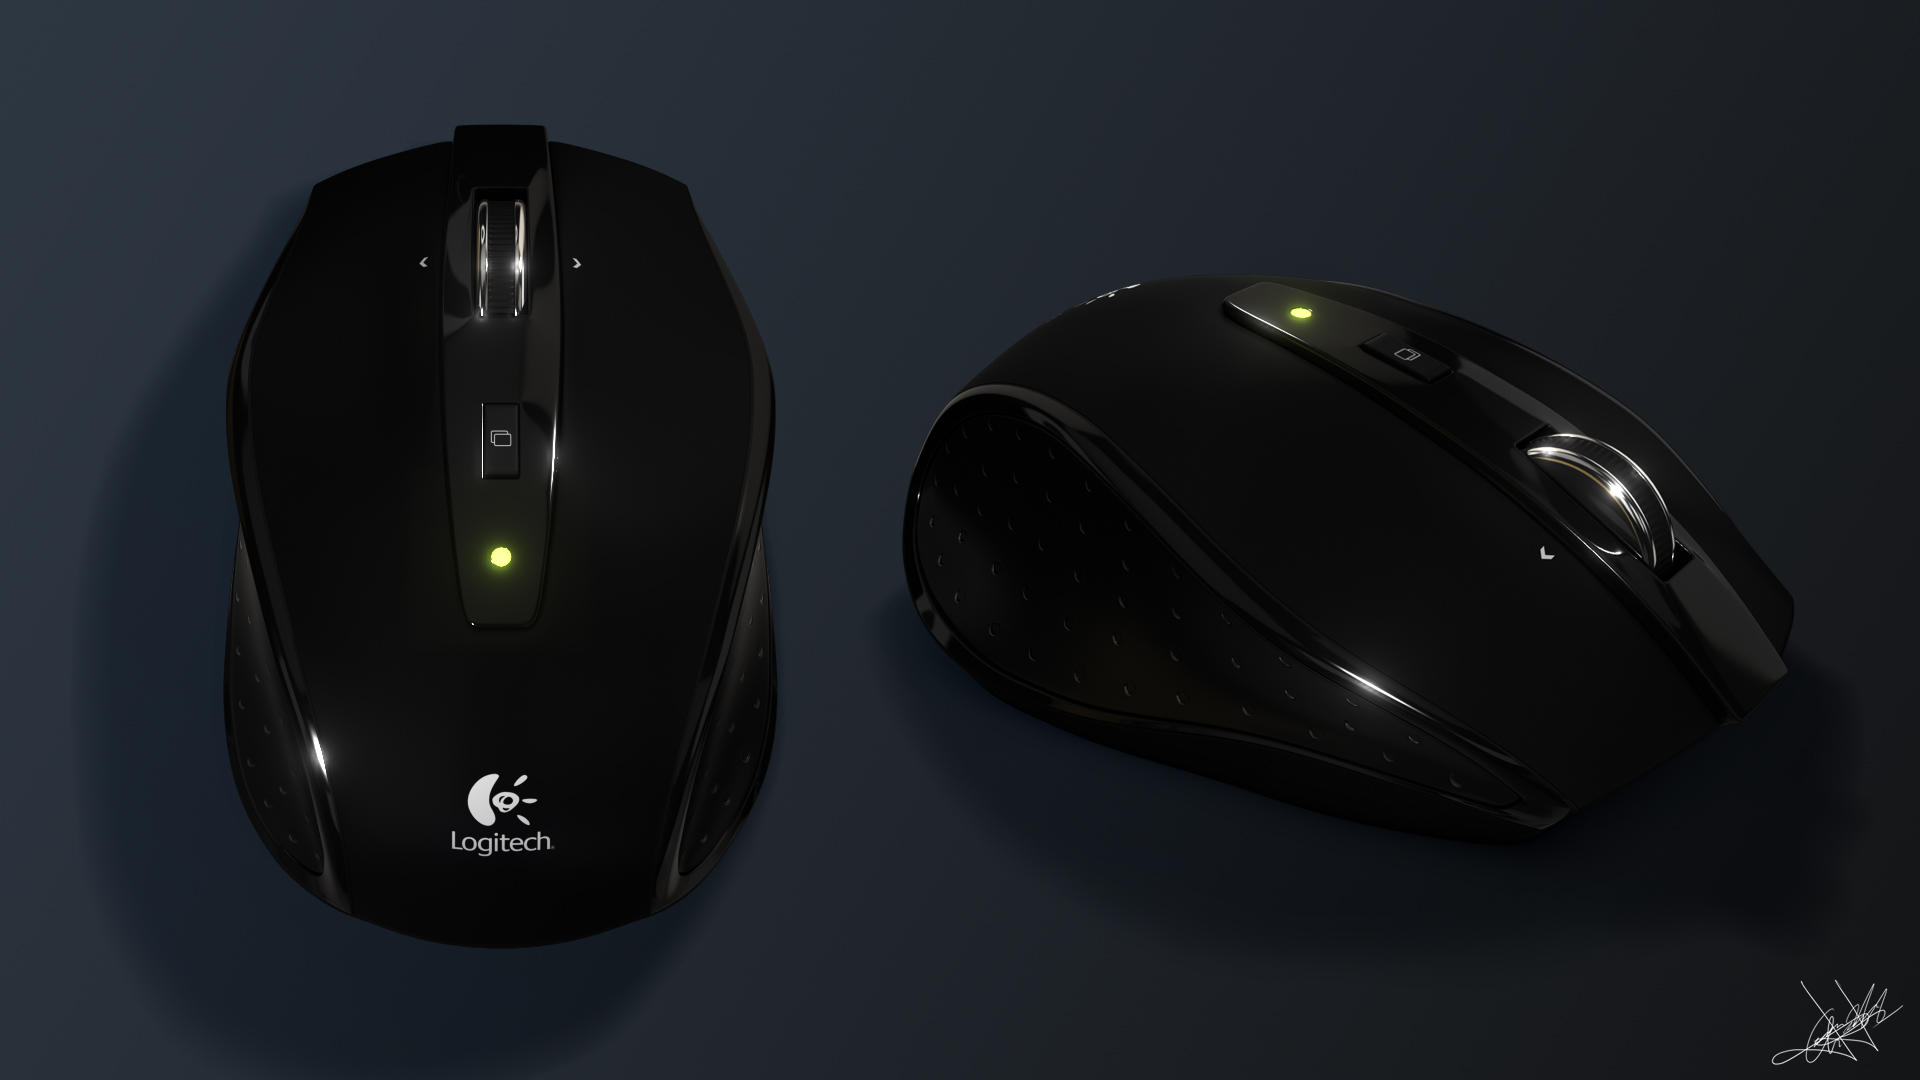 Logitech Mouse by aroche